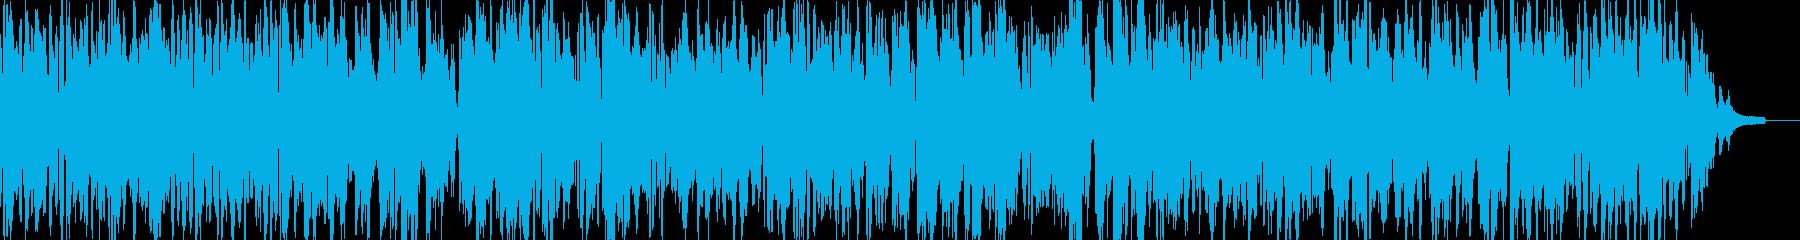 サックスがめっちゃ官能的なスロージャズの再生済みの波形